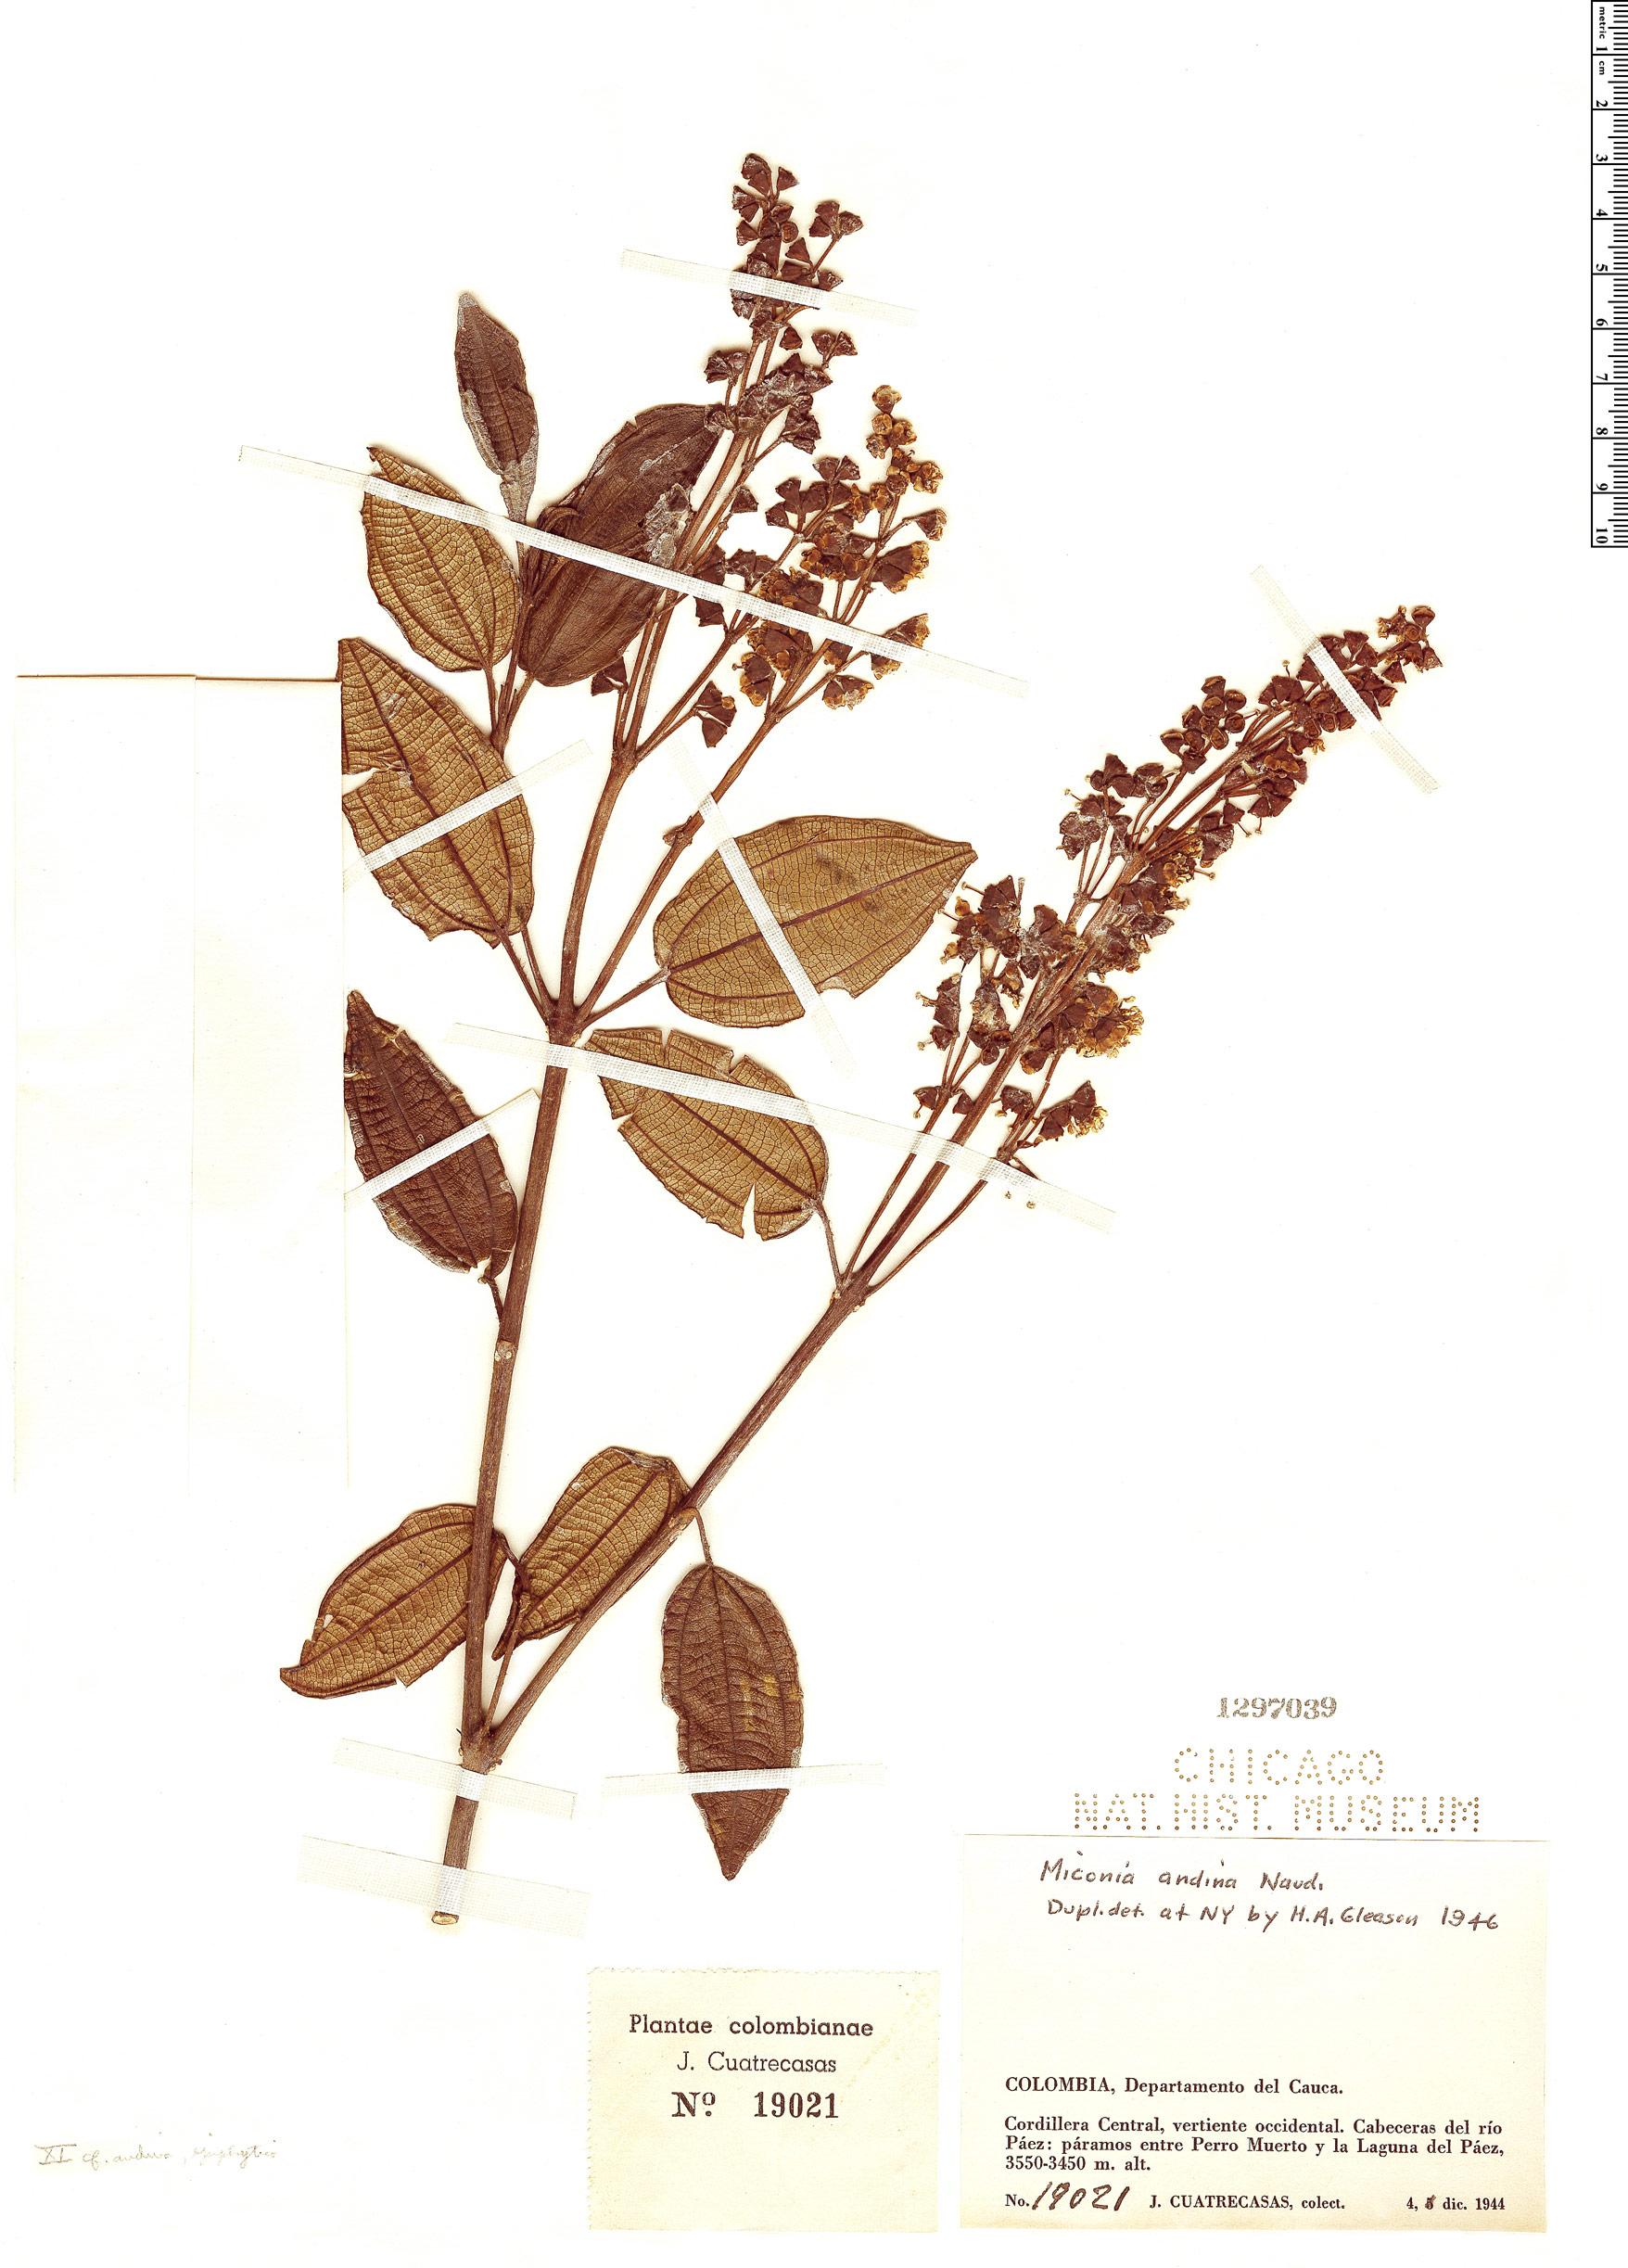 Specimen: Miconia latifolia